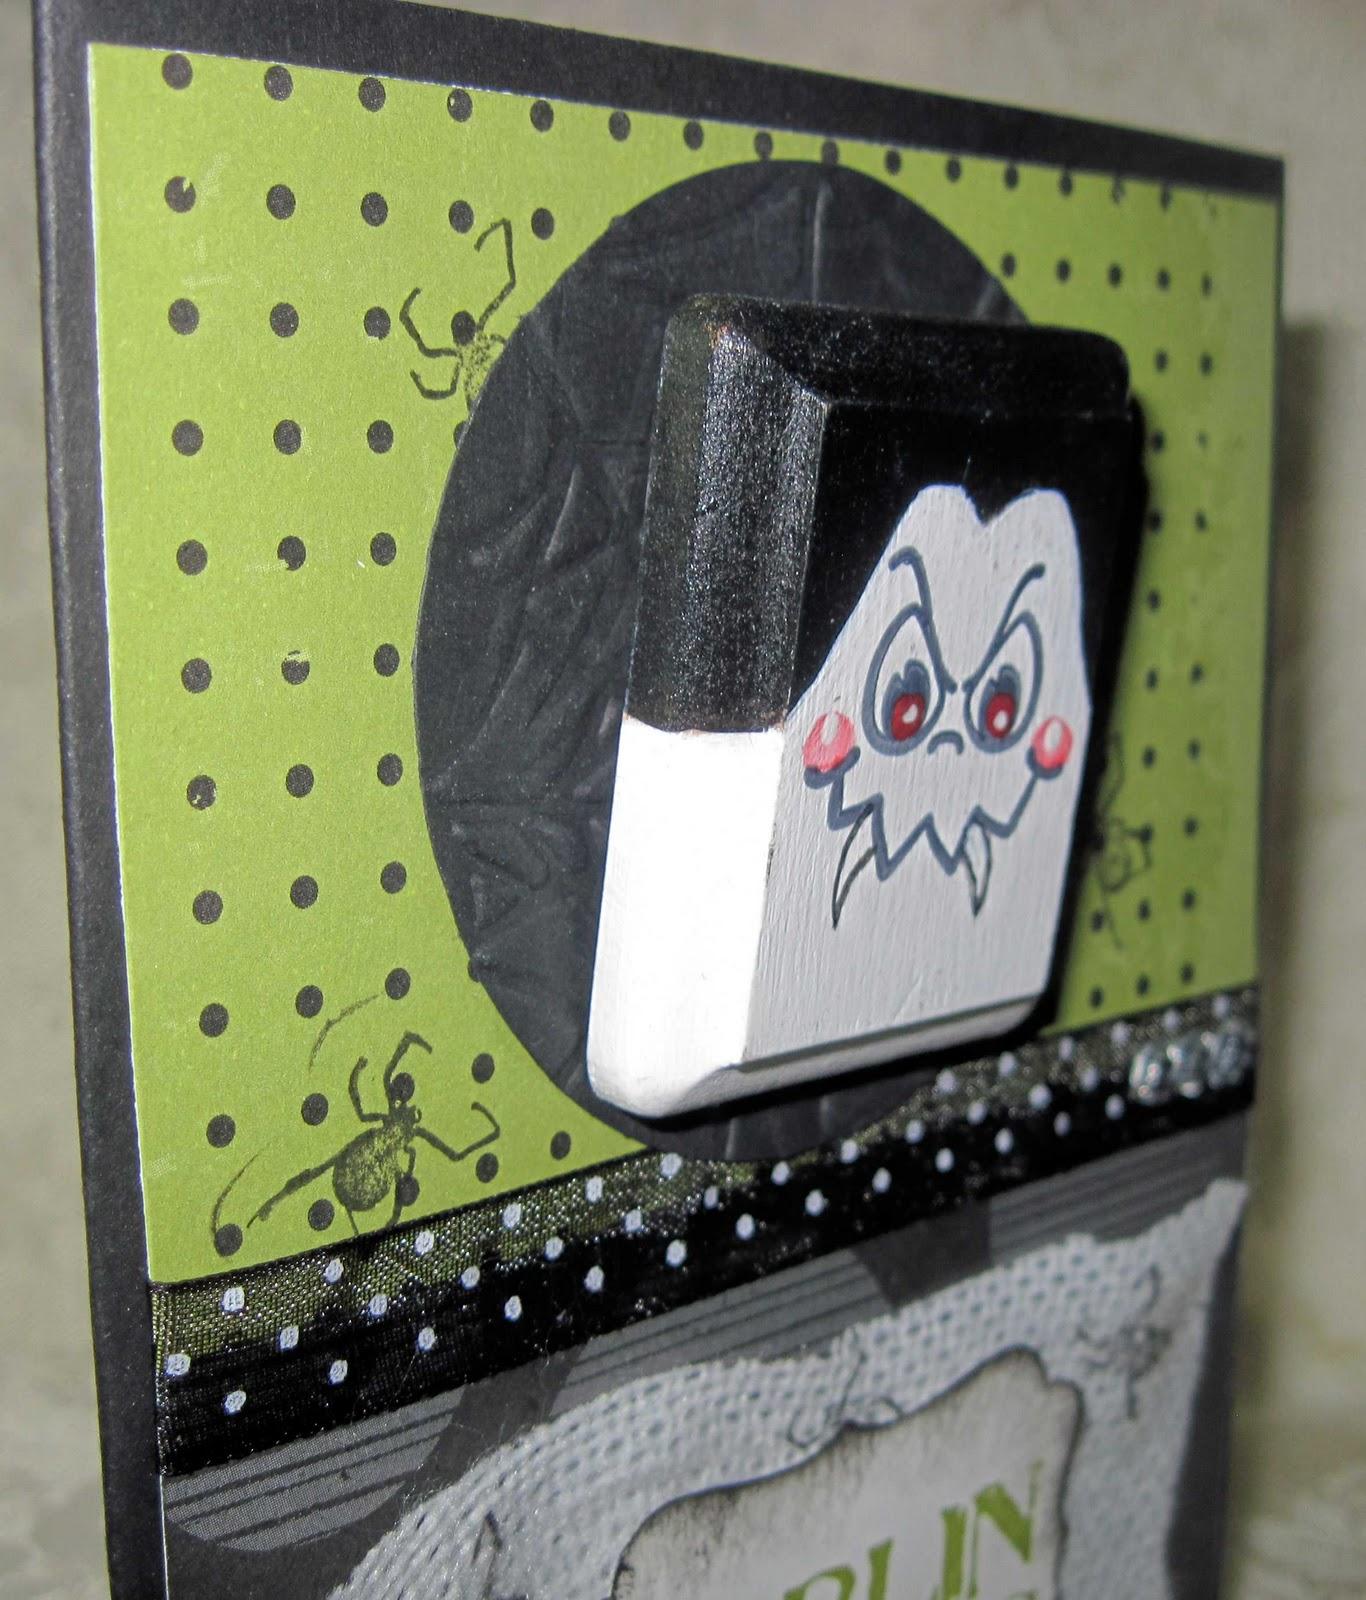 http://1.bp.blogspot.com/--GCz24F2l_g/Tqrr3e3I2HI/AAAAAAAAA98/p2mfxZIUvxc/s1600/Cheryl%2527s+Card+2+.jpg